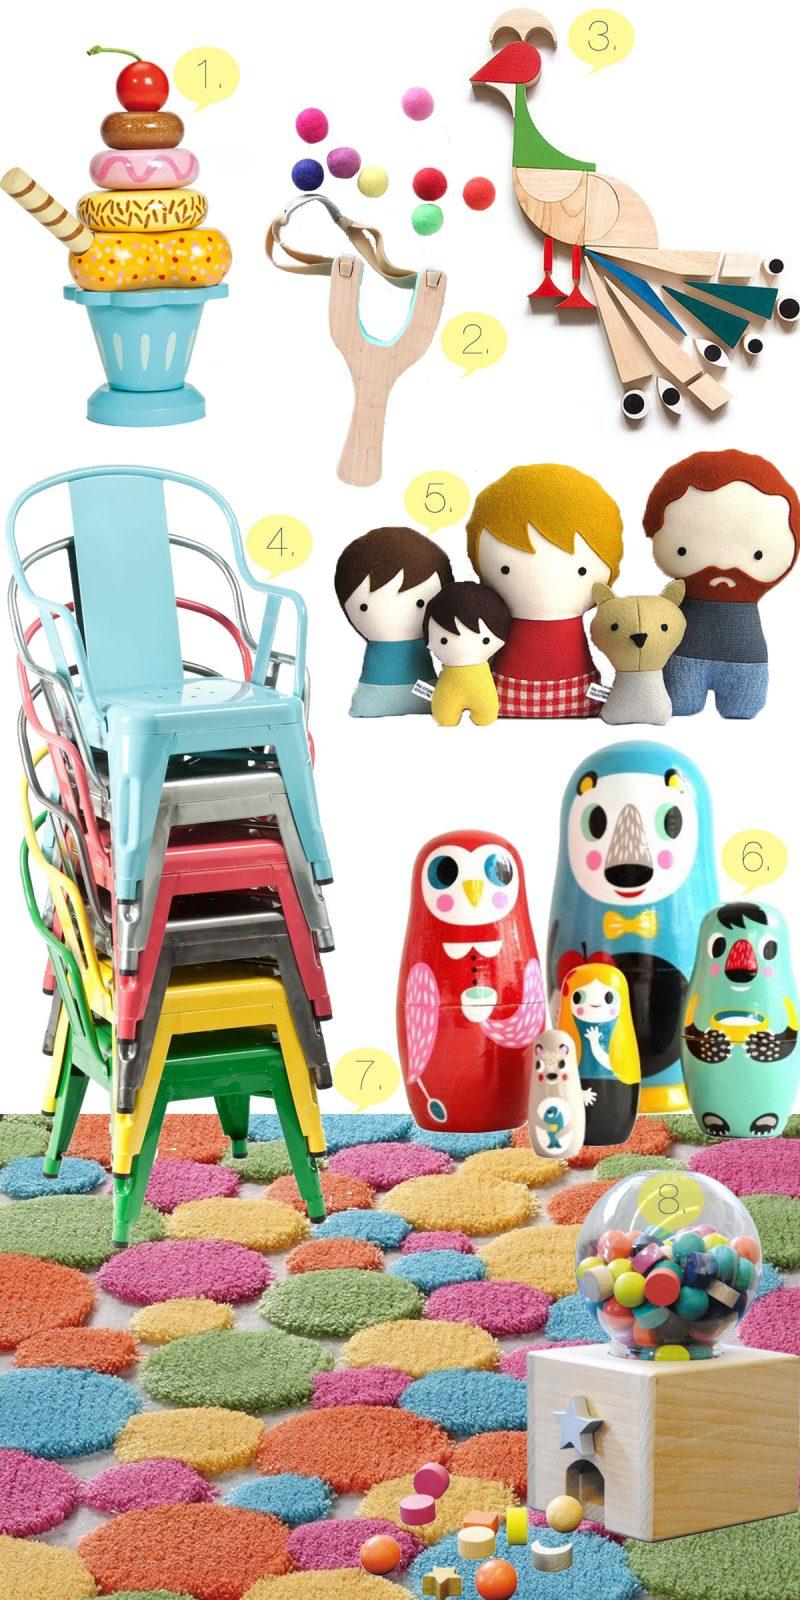 Collage Esprit Kinderteppich und Holz Spielzeuge